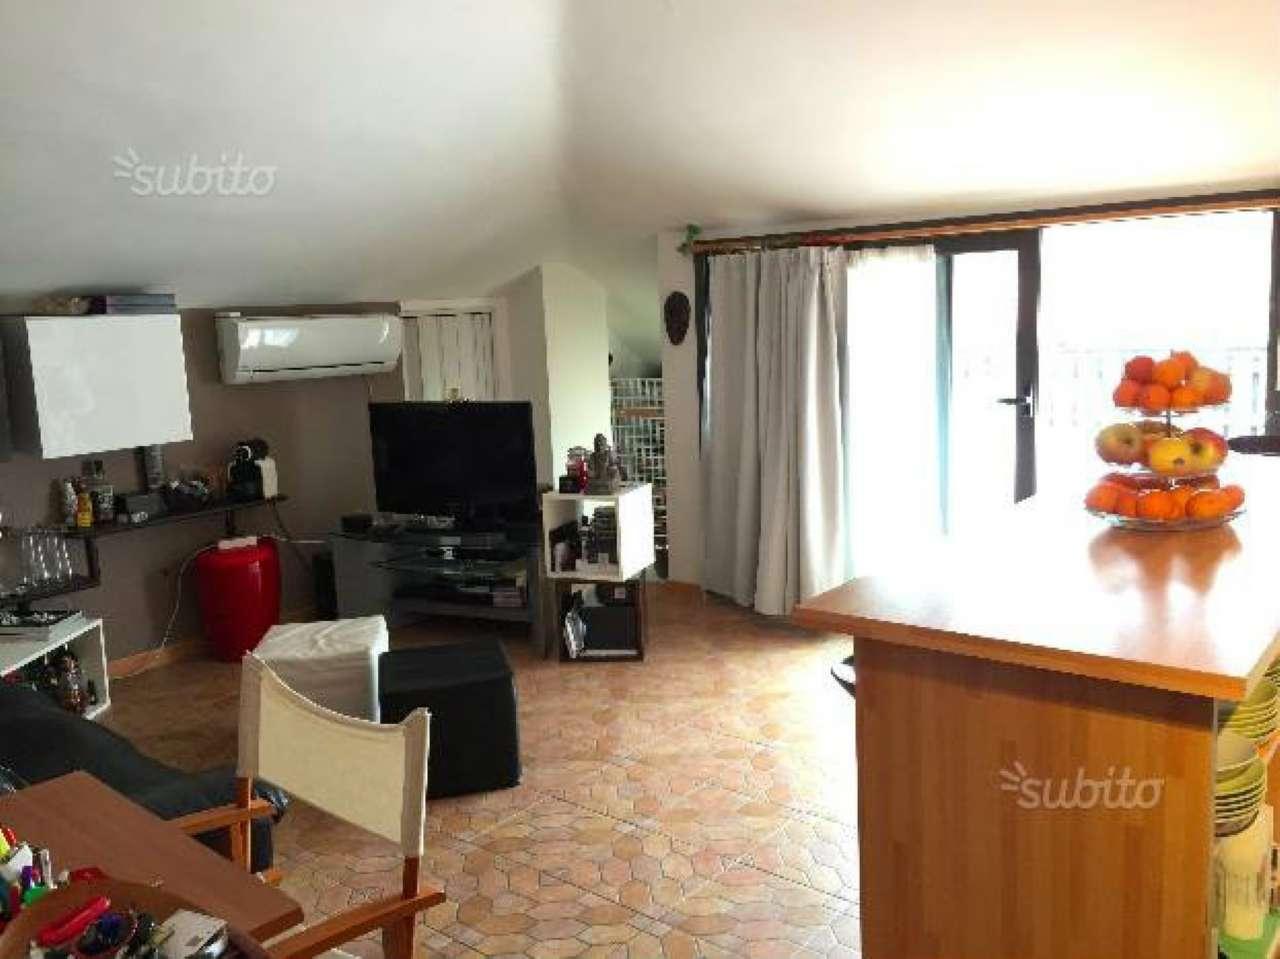 Attico / Mansarda in vendita a Aci Castello, 9999 locali, prezzo € 115.000 | Cambio Casa.it